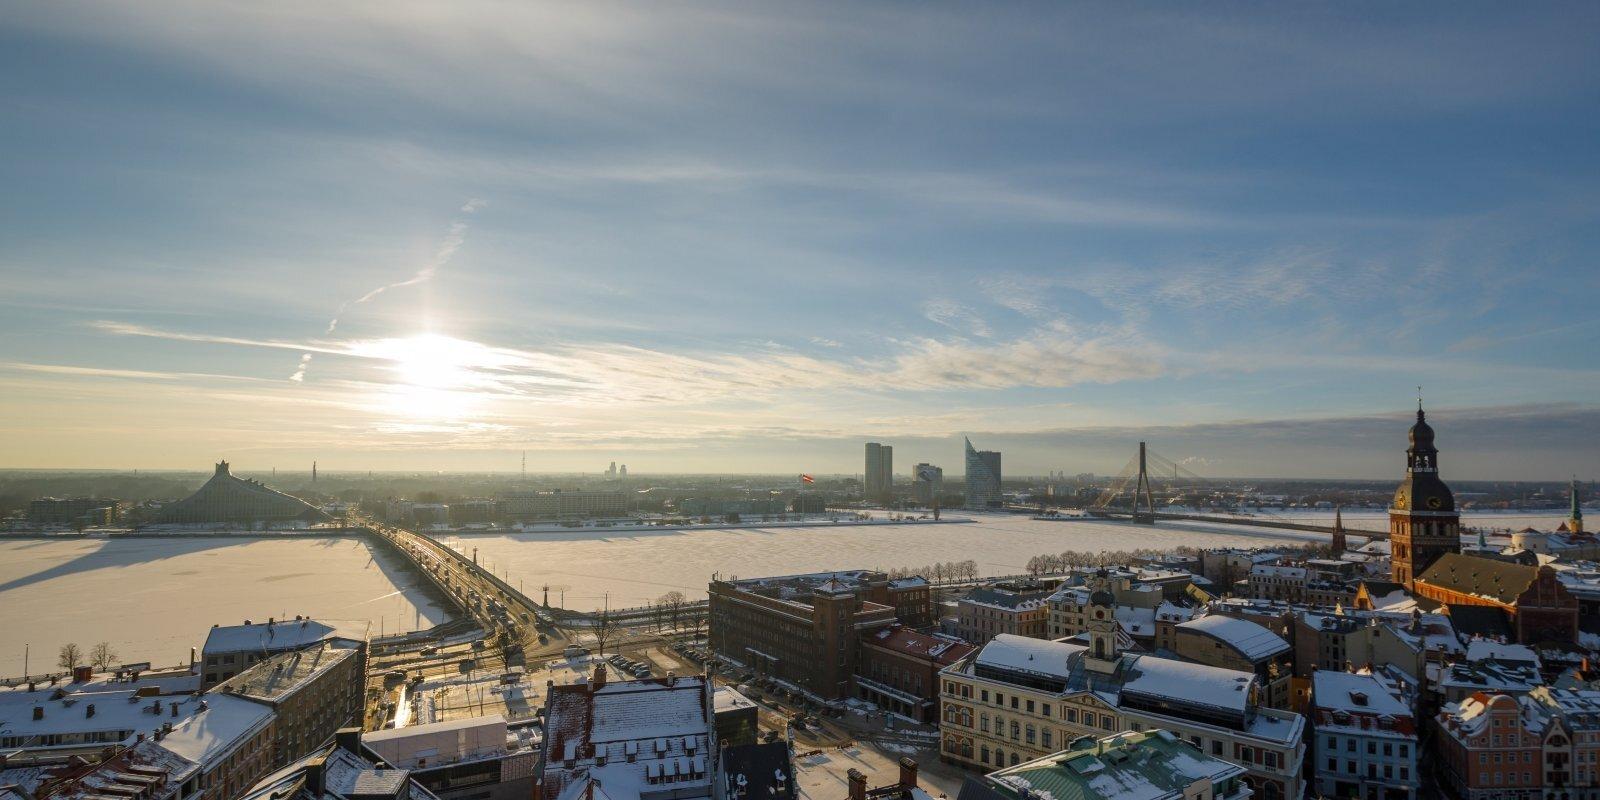 """Без гетто: как не допустить разделения Риги на """"хорошие"""" и """"плохие"""" районы"""